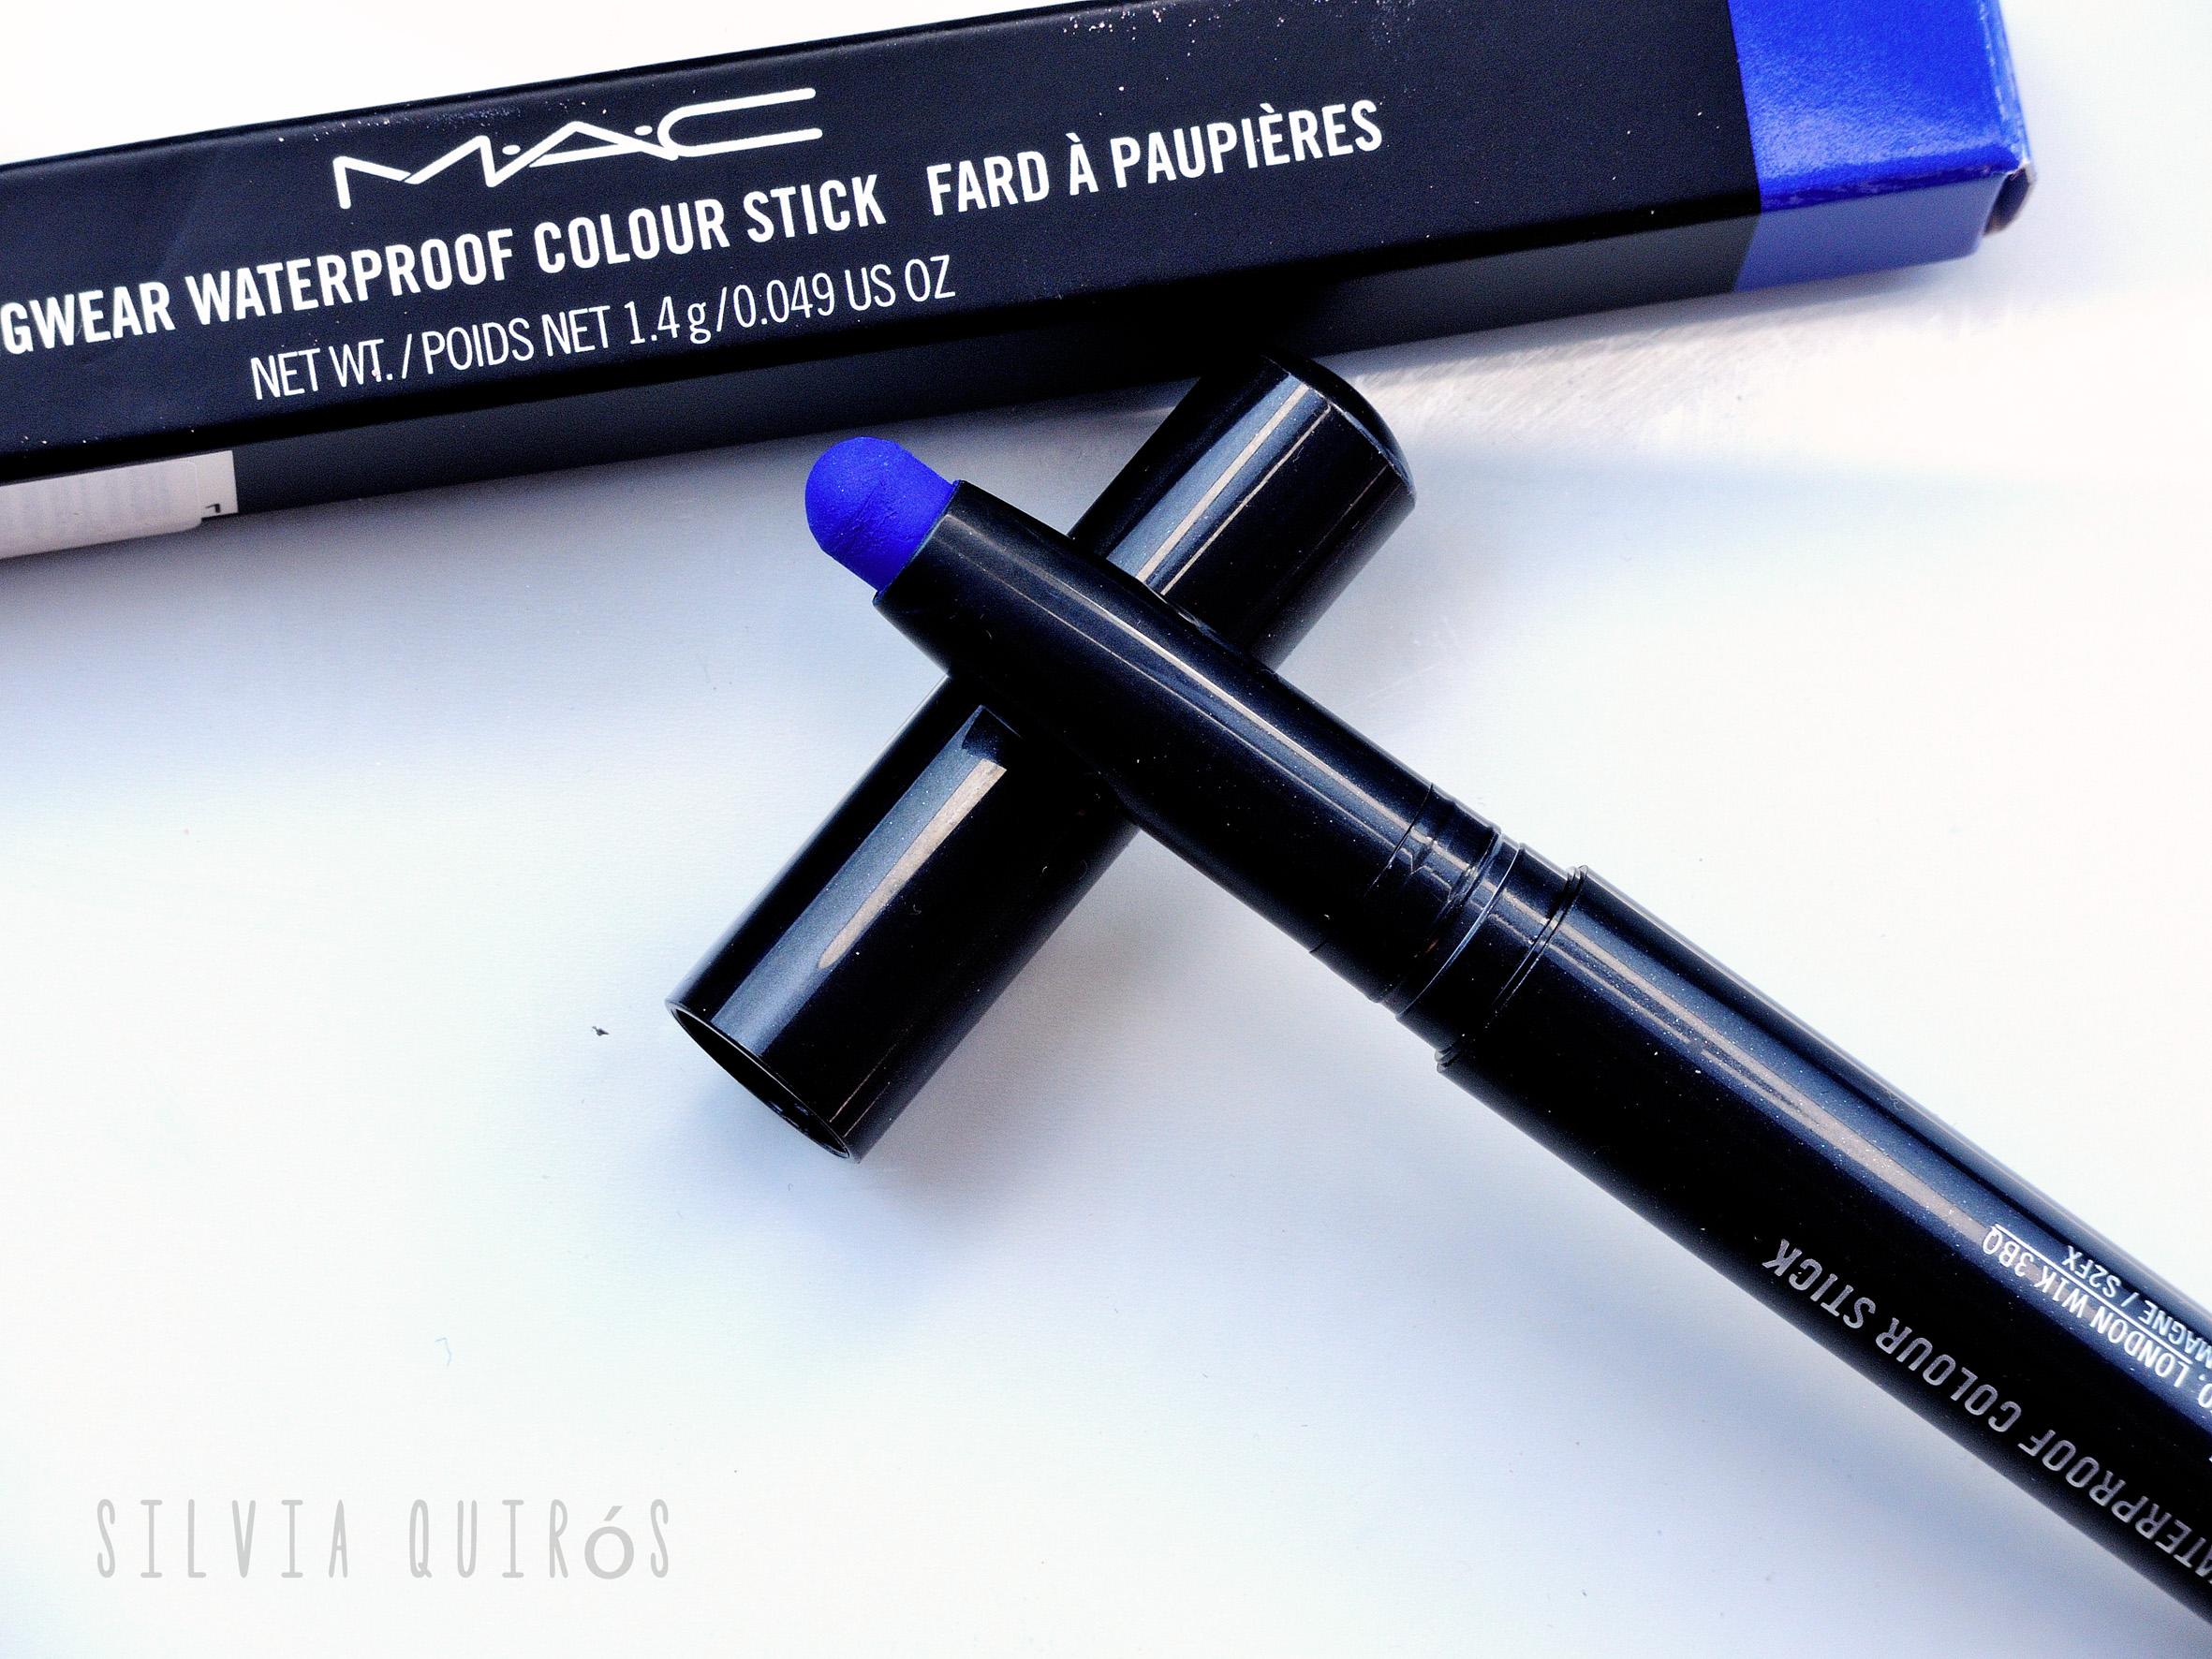 Probando colección Pro Longwear waterproof color sticks M∙A∙C